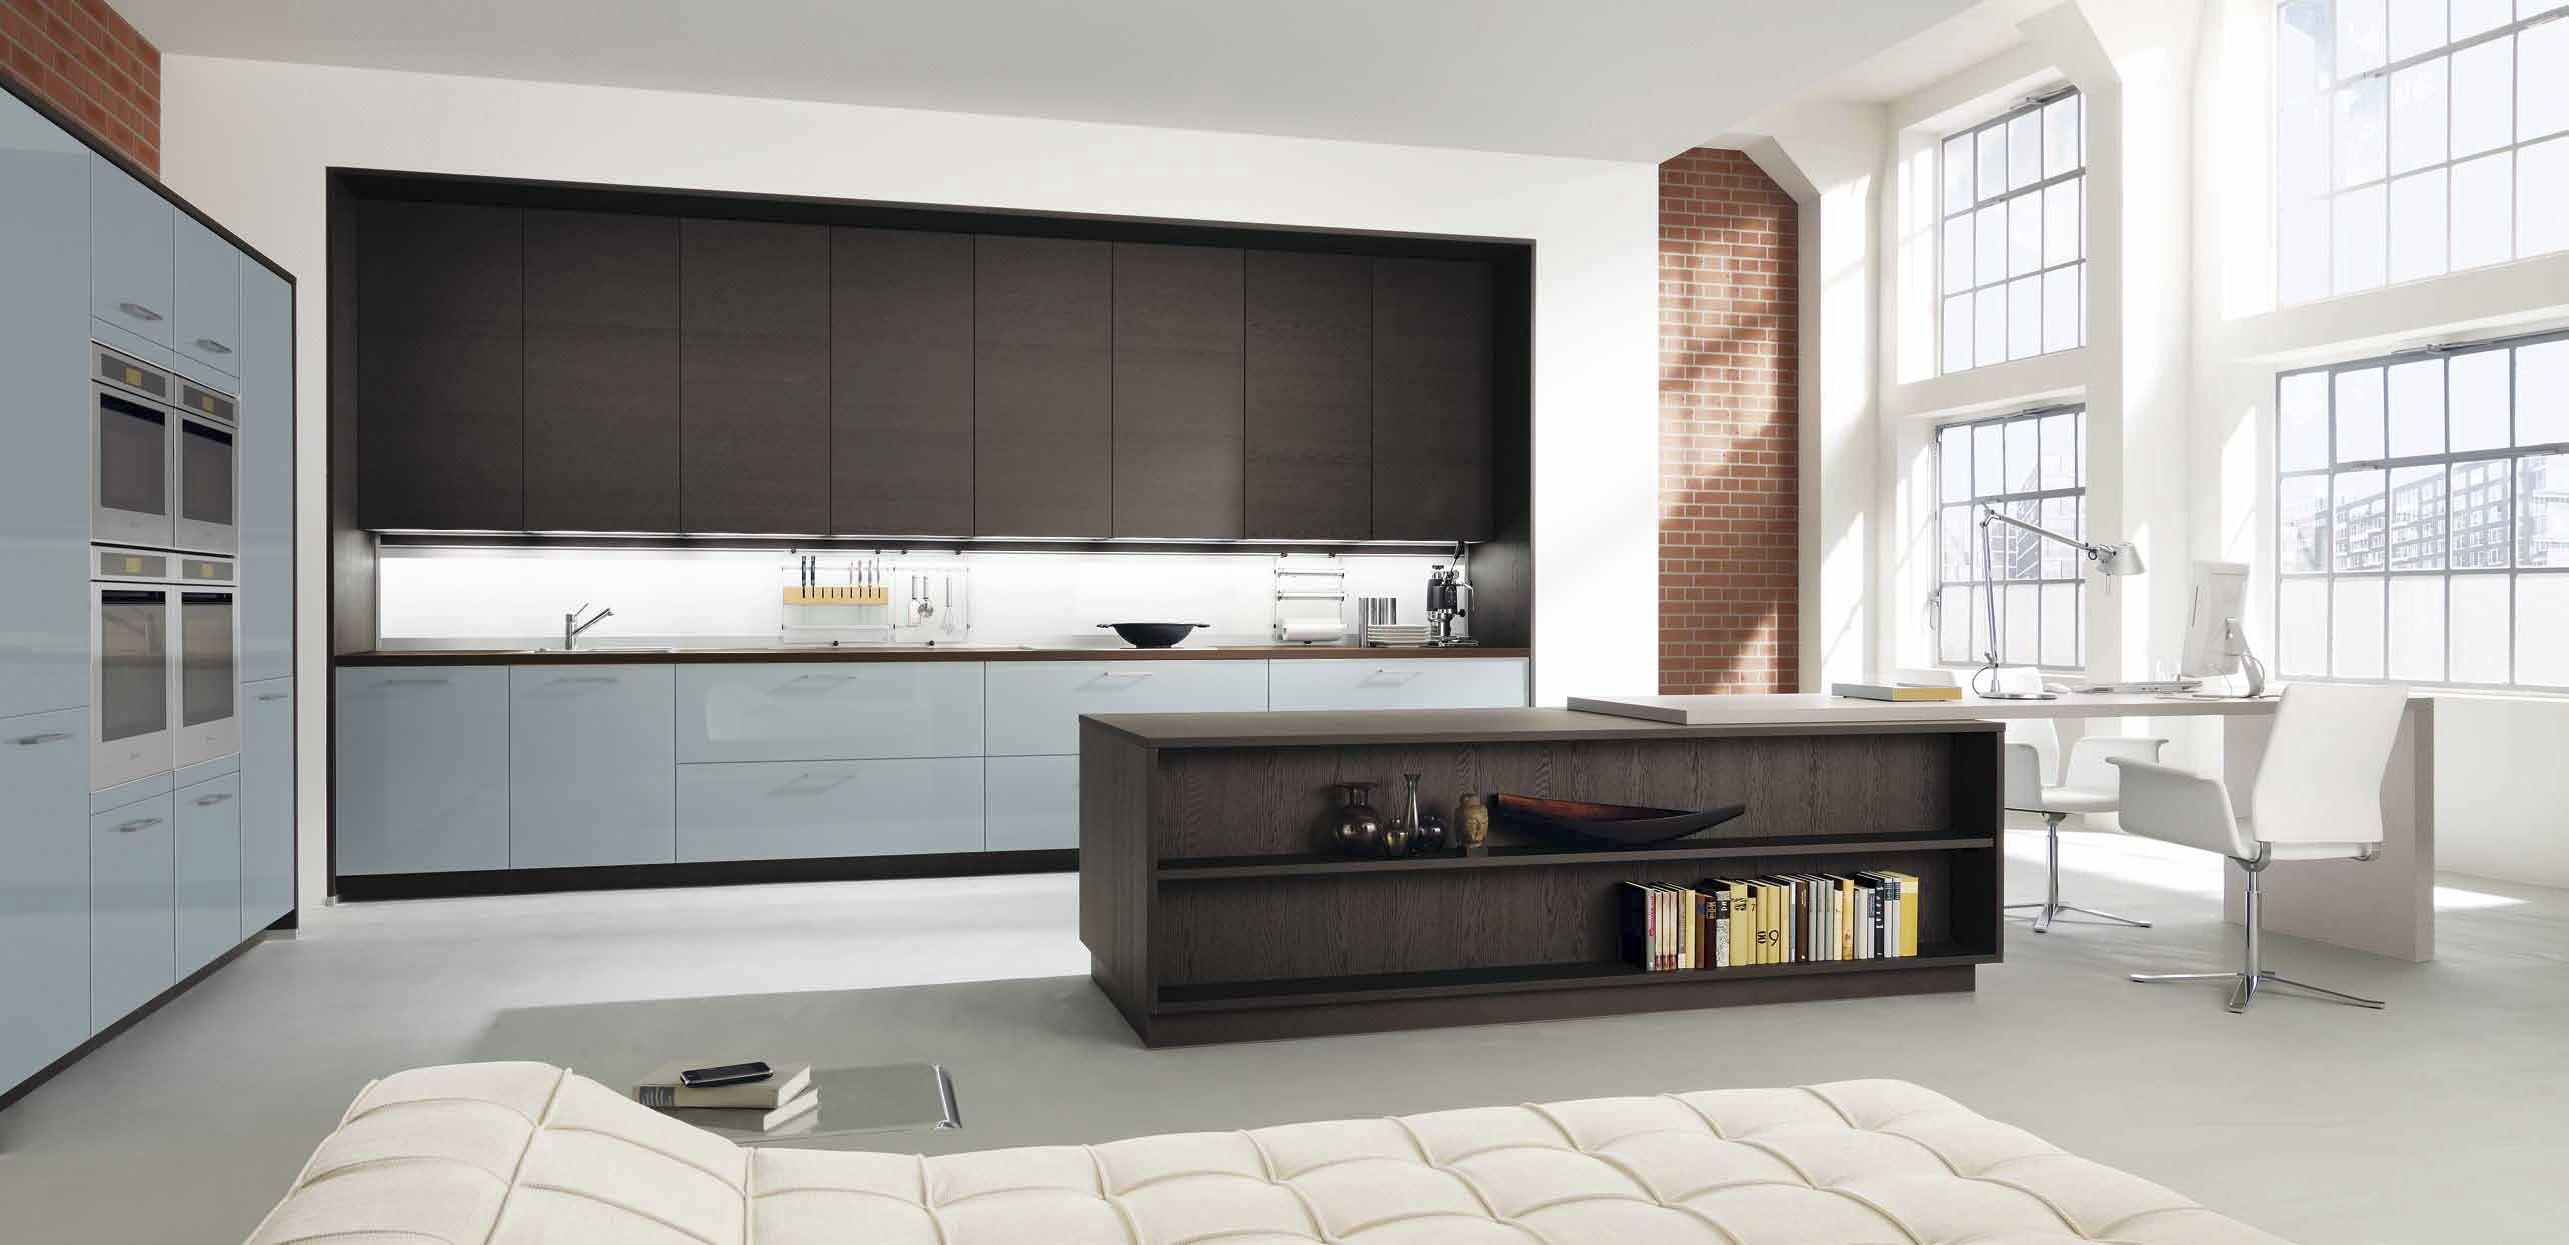 moderne #designer - #küche von #alno über#möbel #höffner | küchen ... - Möbel Höffner Küchen